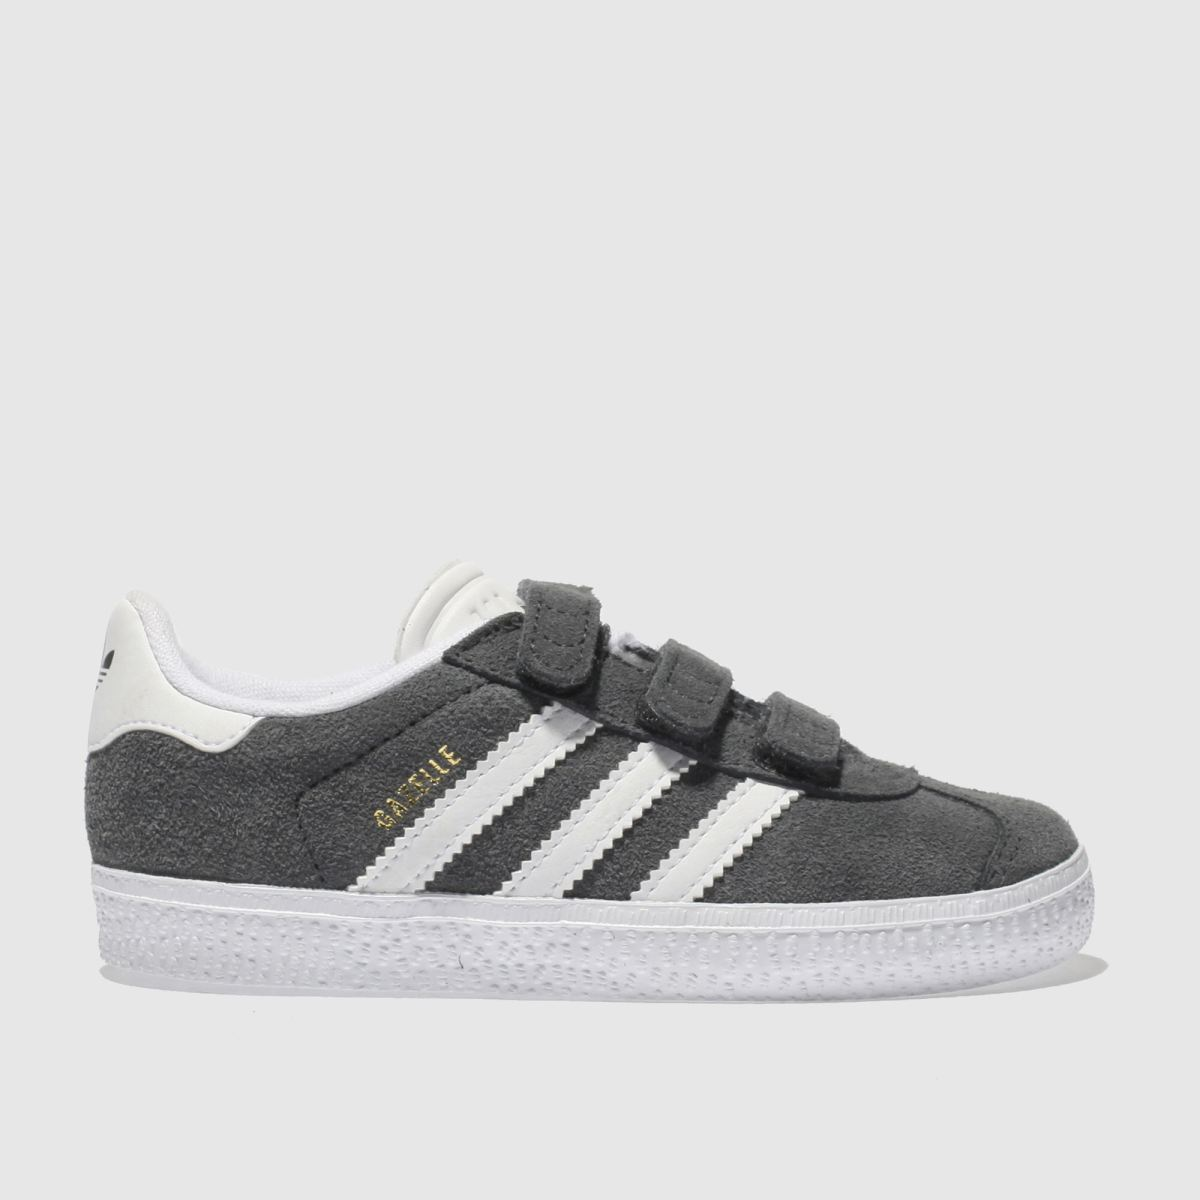 adidas gazelle grey